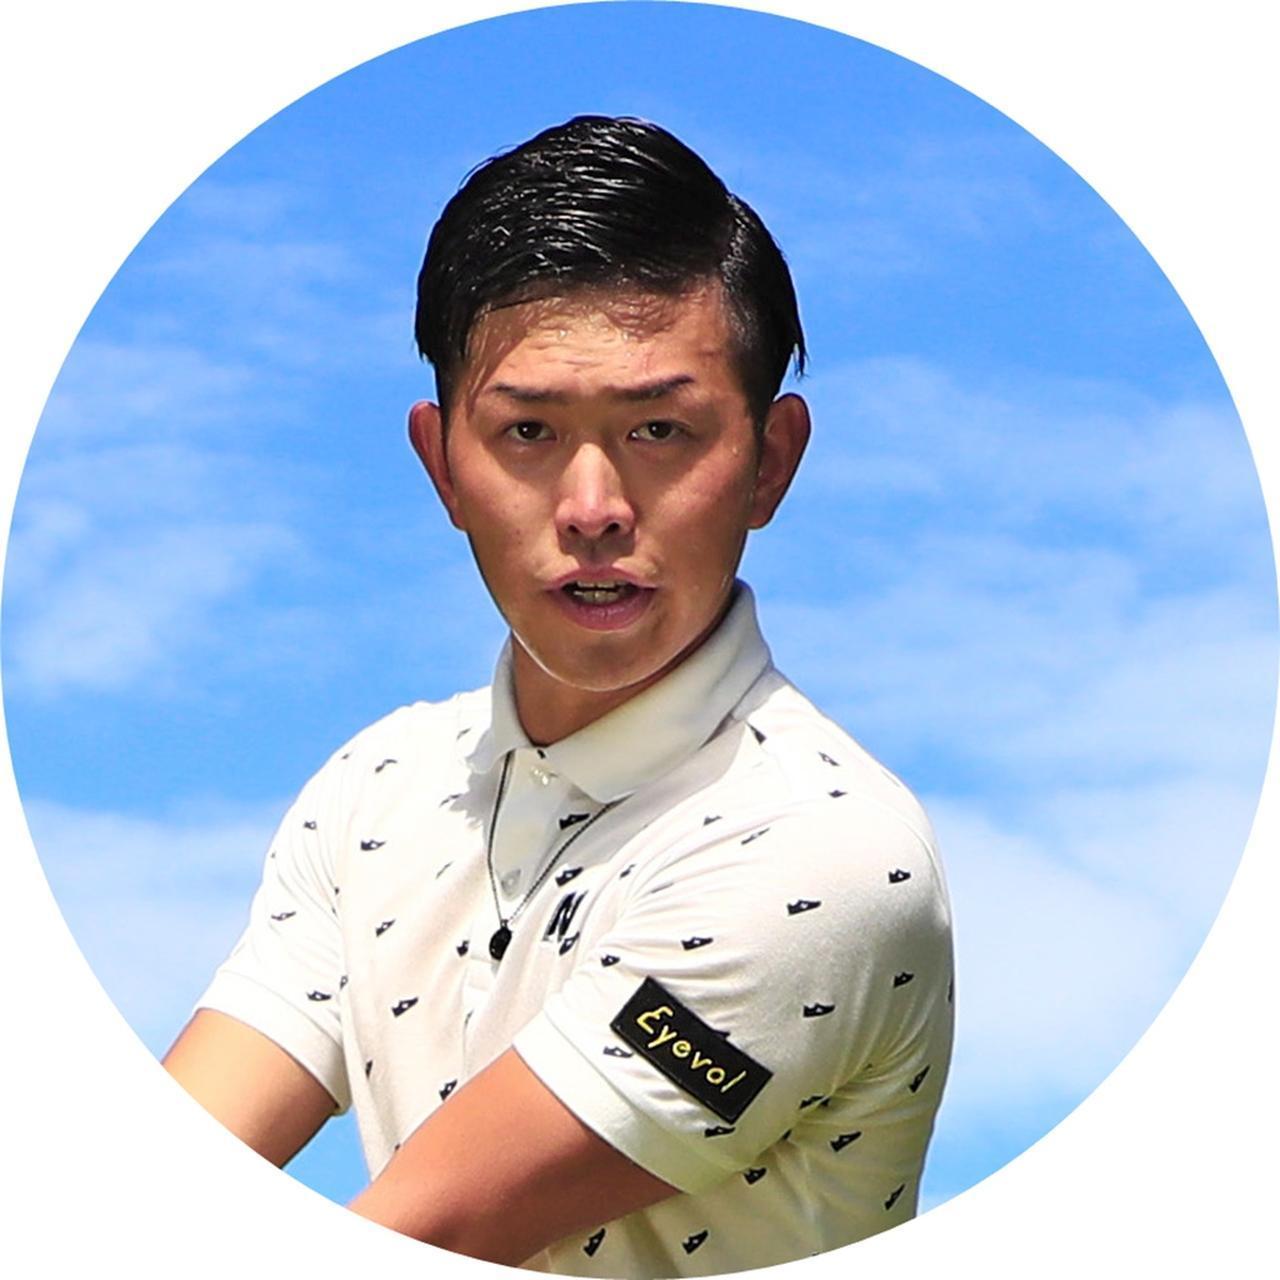 画像: 大西翔太コーチ おおにししょうた。1992年生まれ千葉県出身。青木瀬令奈のコーチ兼キャディとしてツアーに帯同。空いた時間はジュニアゴルファーにもレッスンを行う